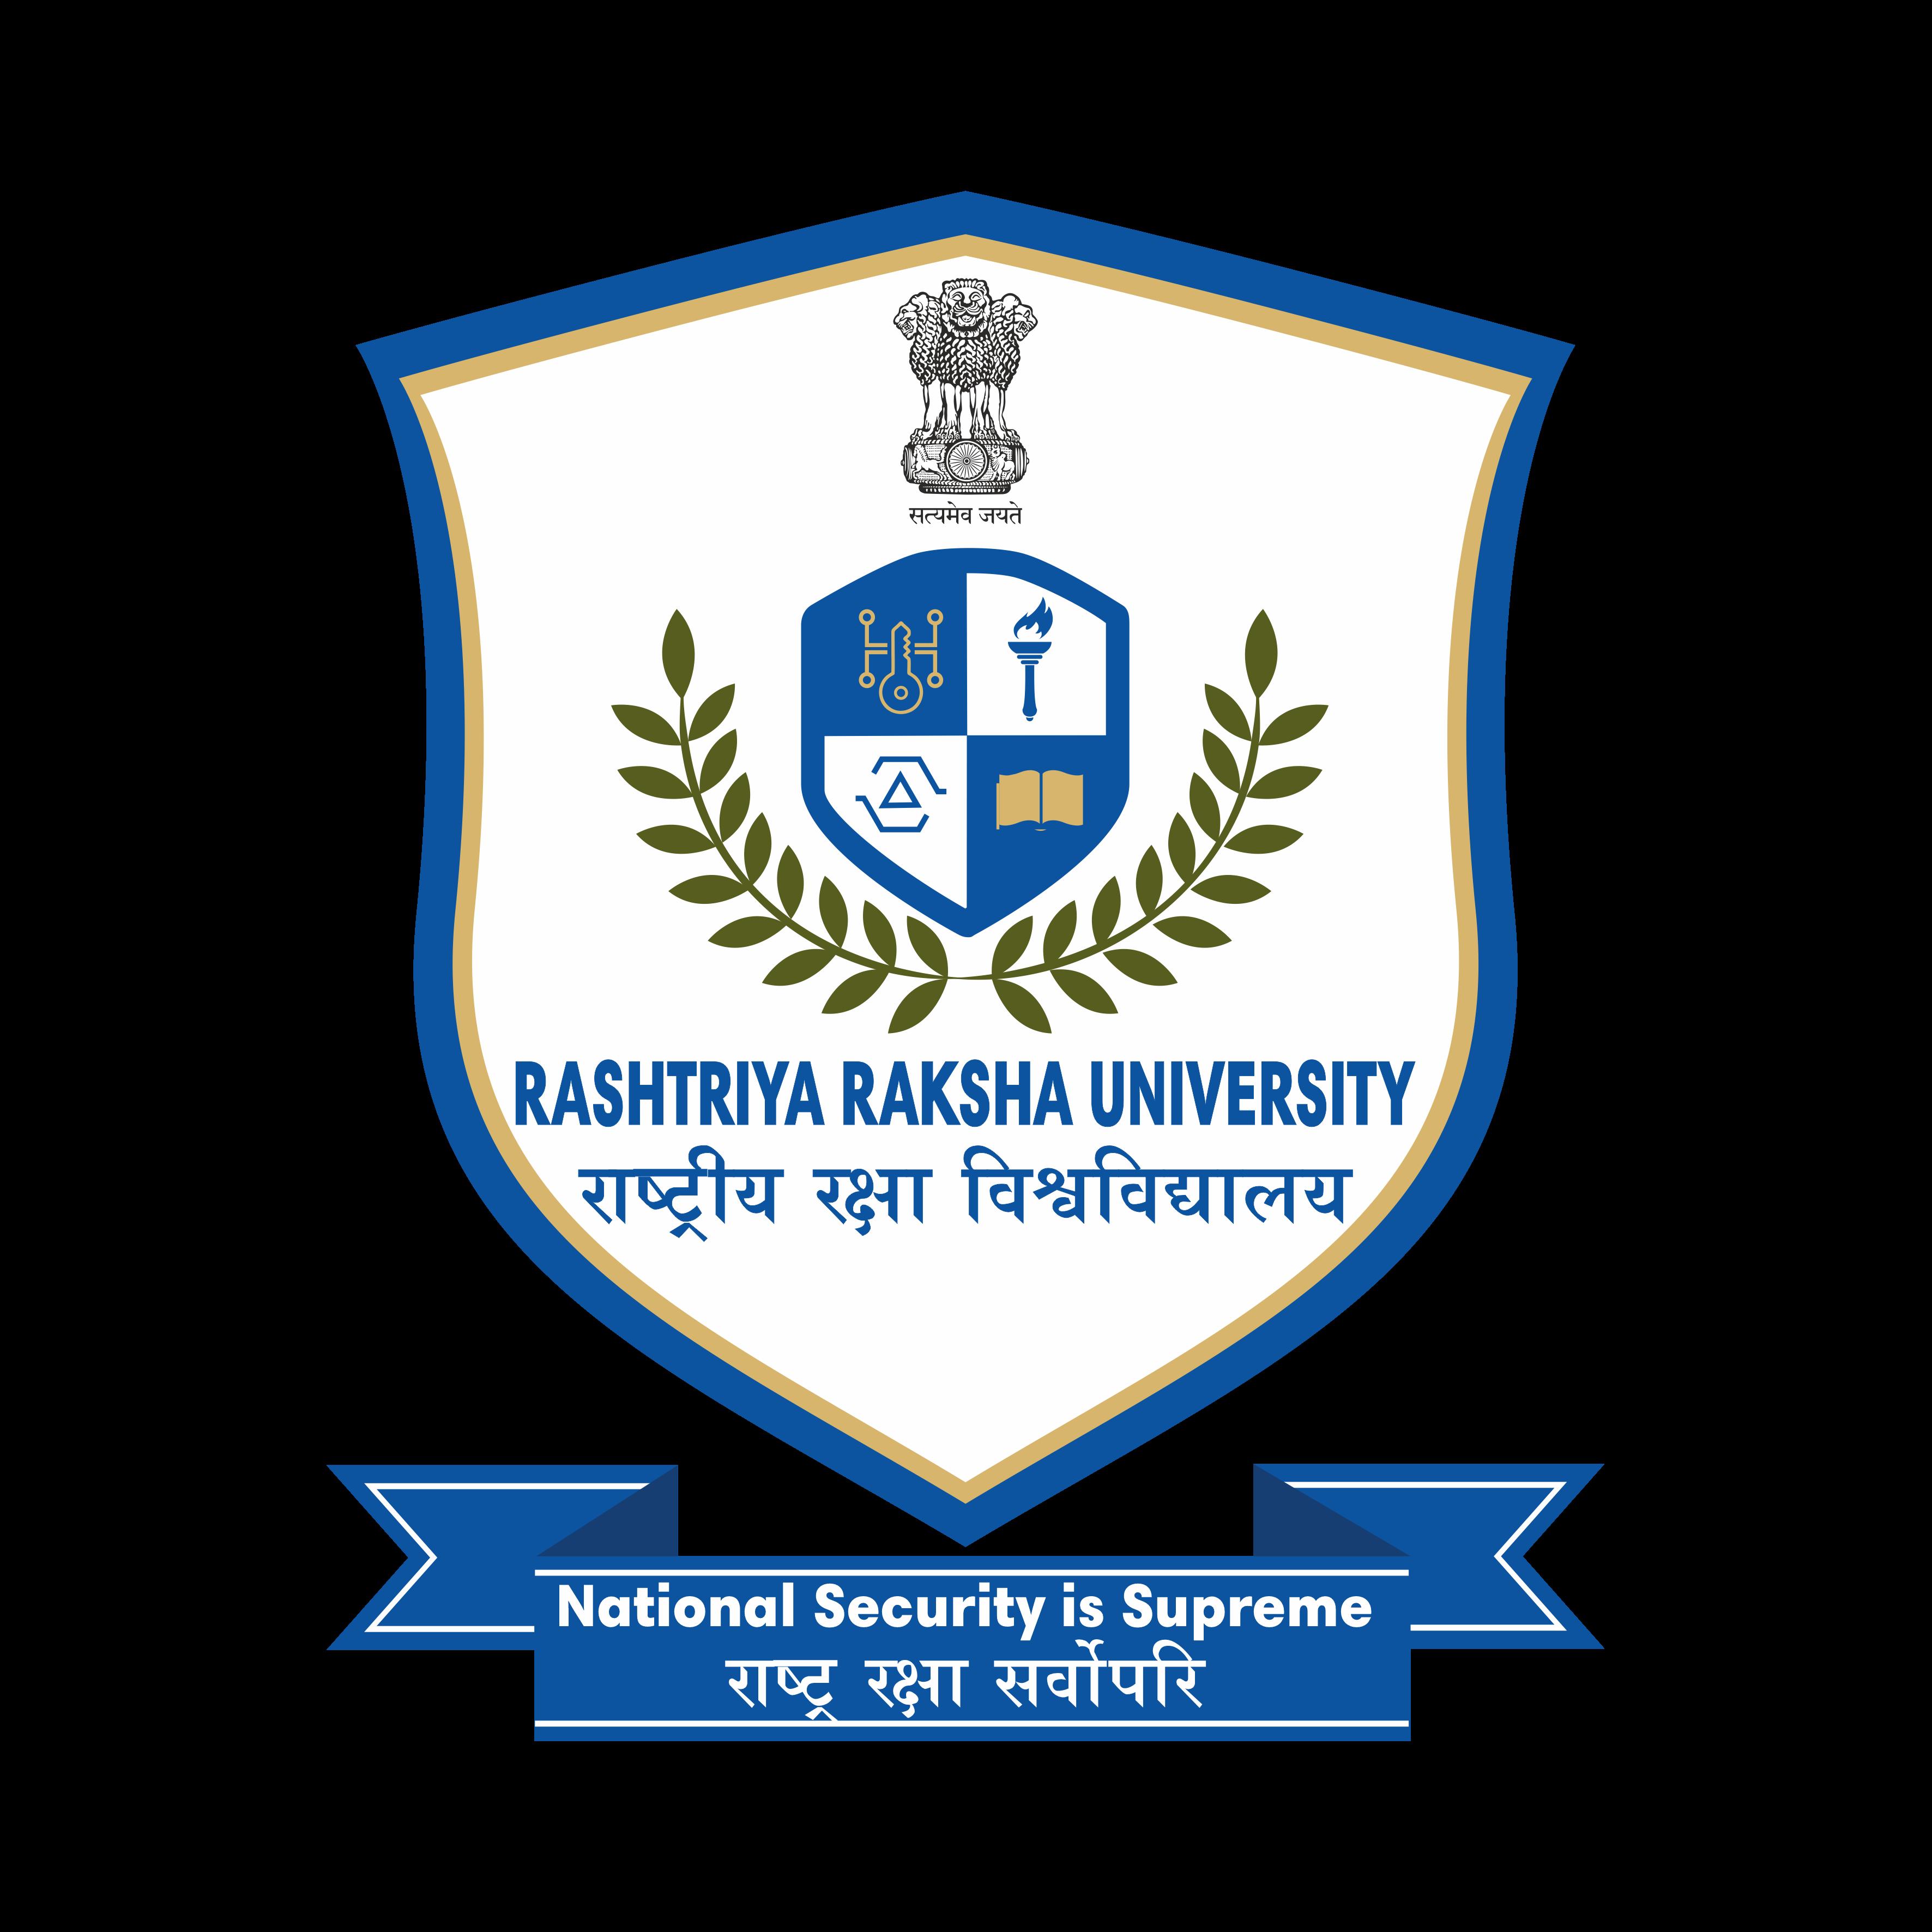 Rashtriya Raksha University ( RRU University )